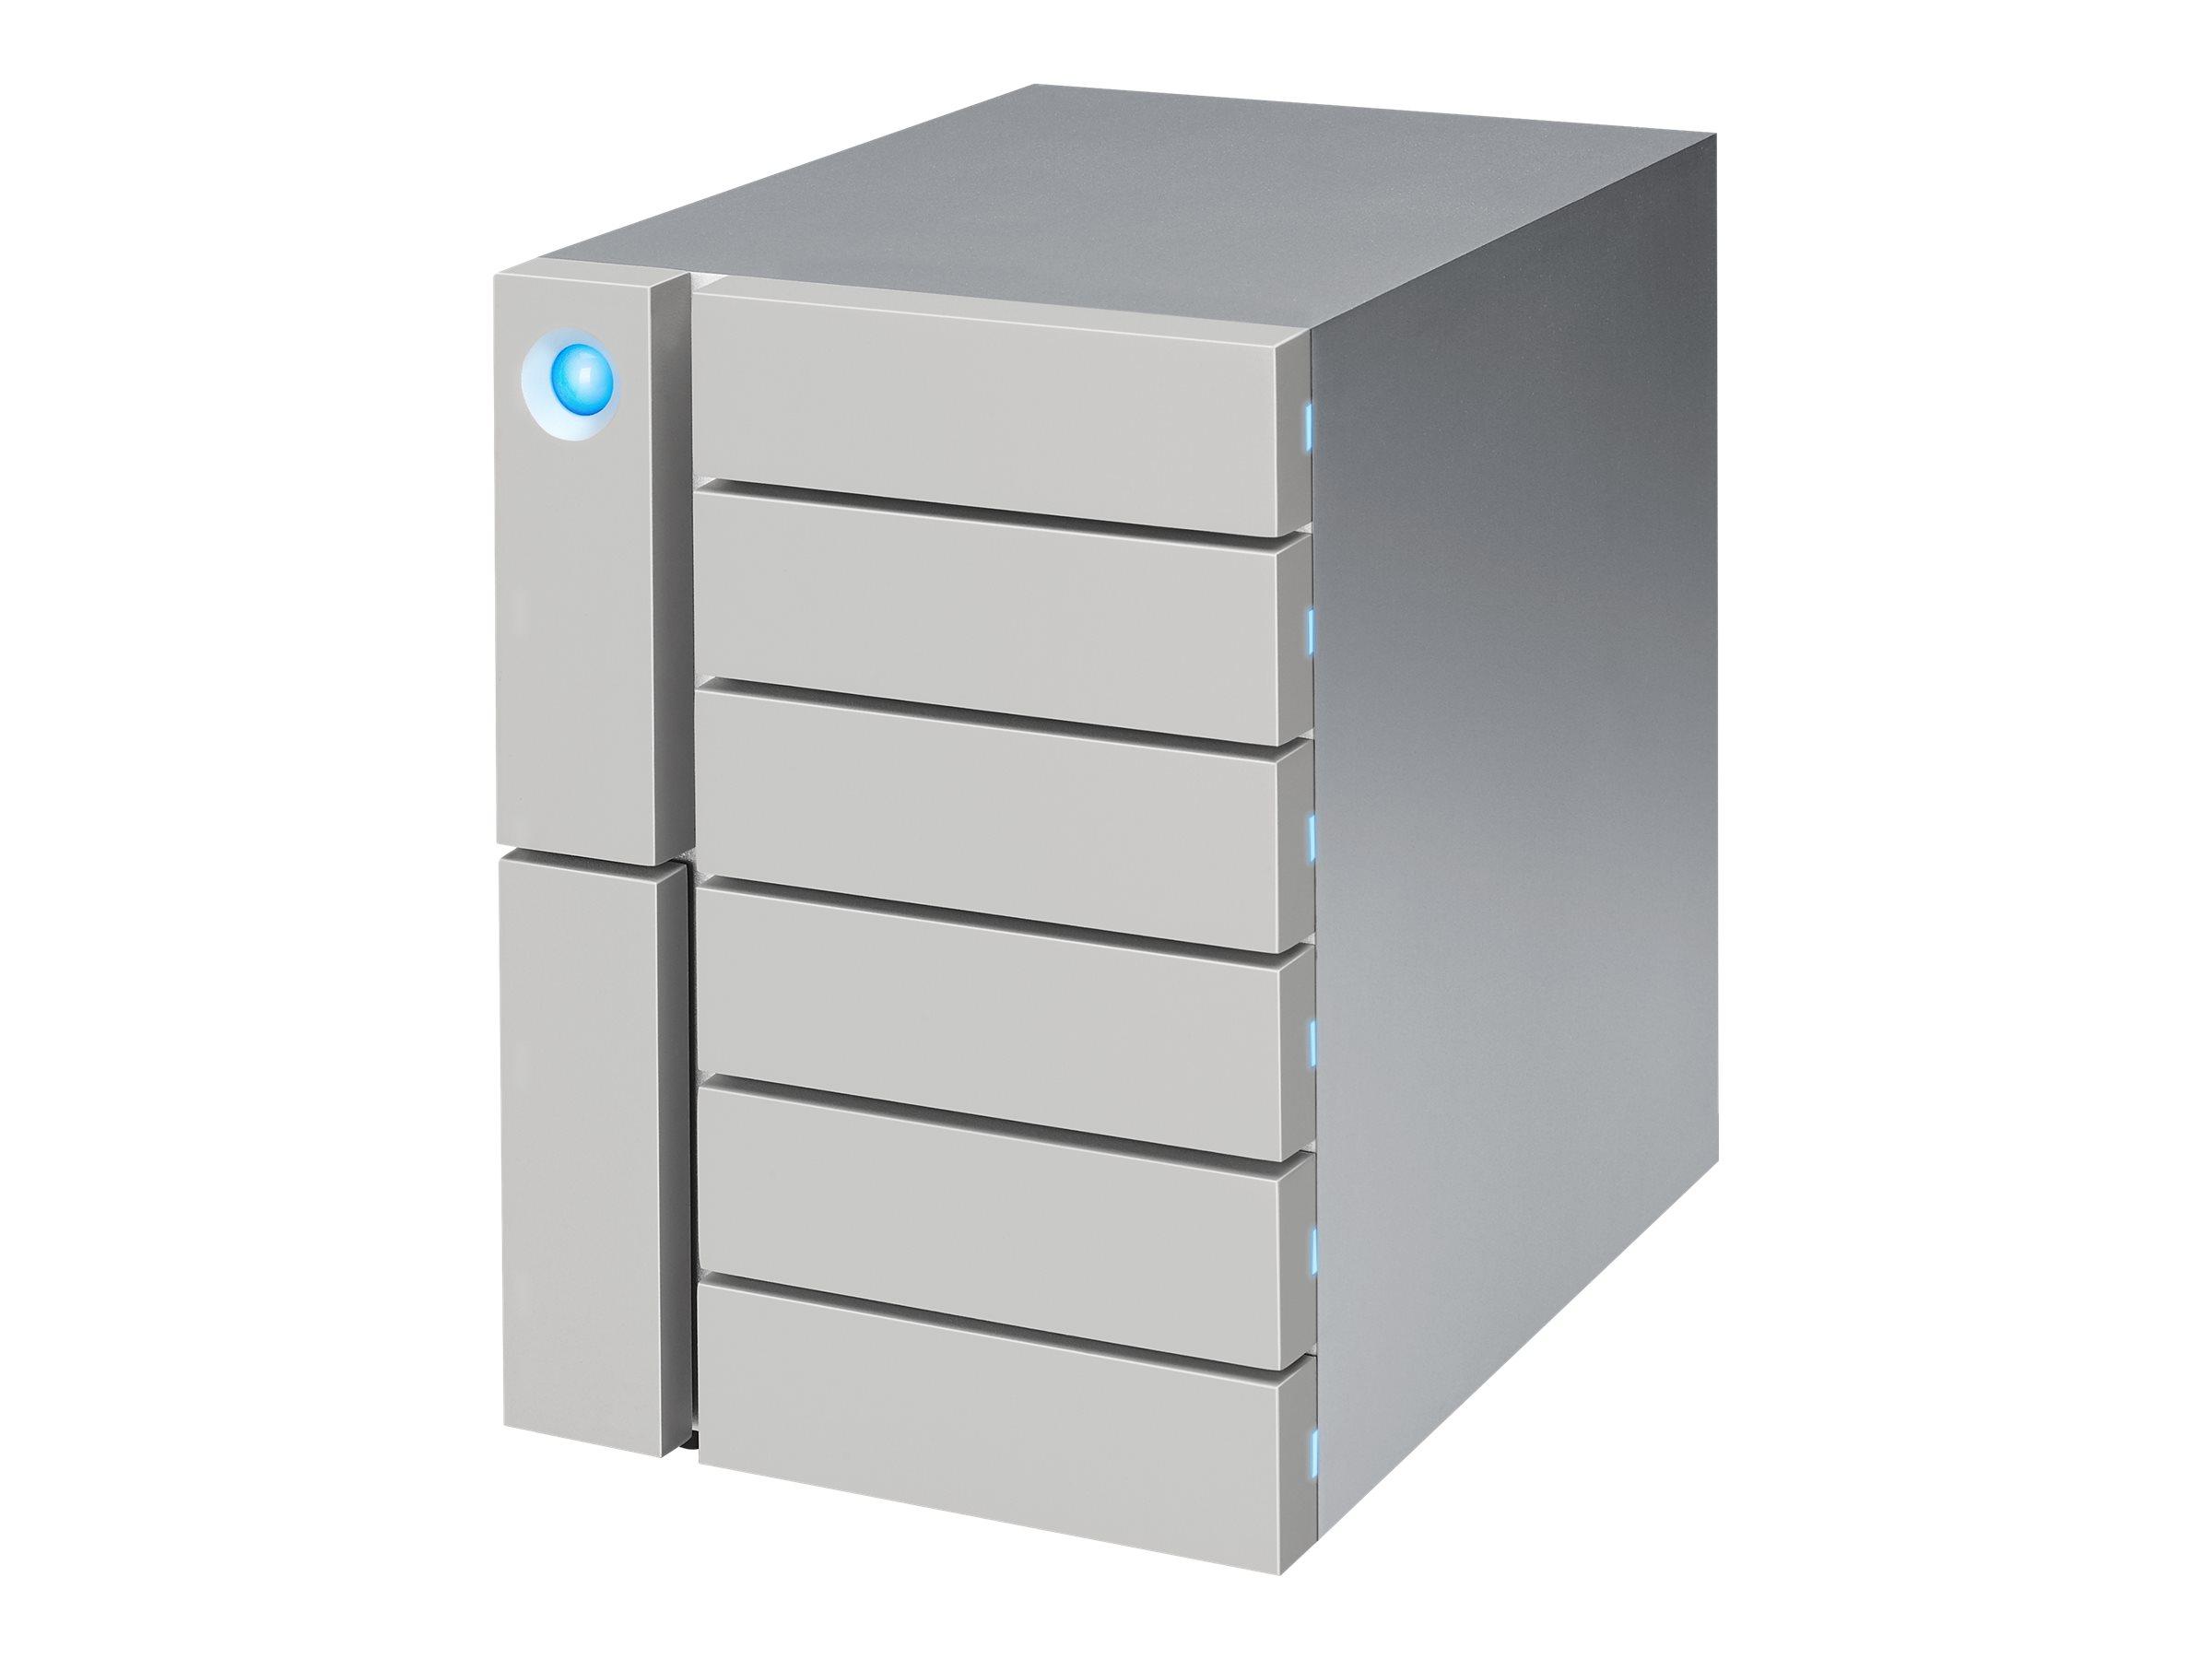 LaCie 6big Thunderbolt 3 STFK84000402 - Festplatten-Array - 84 TB - 6 Schächte (SATA) - HDD 14 TB x 6 - USB 3.1, Thunderbolt 3 (